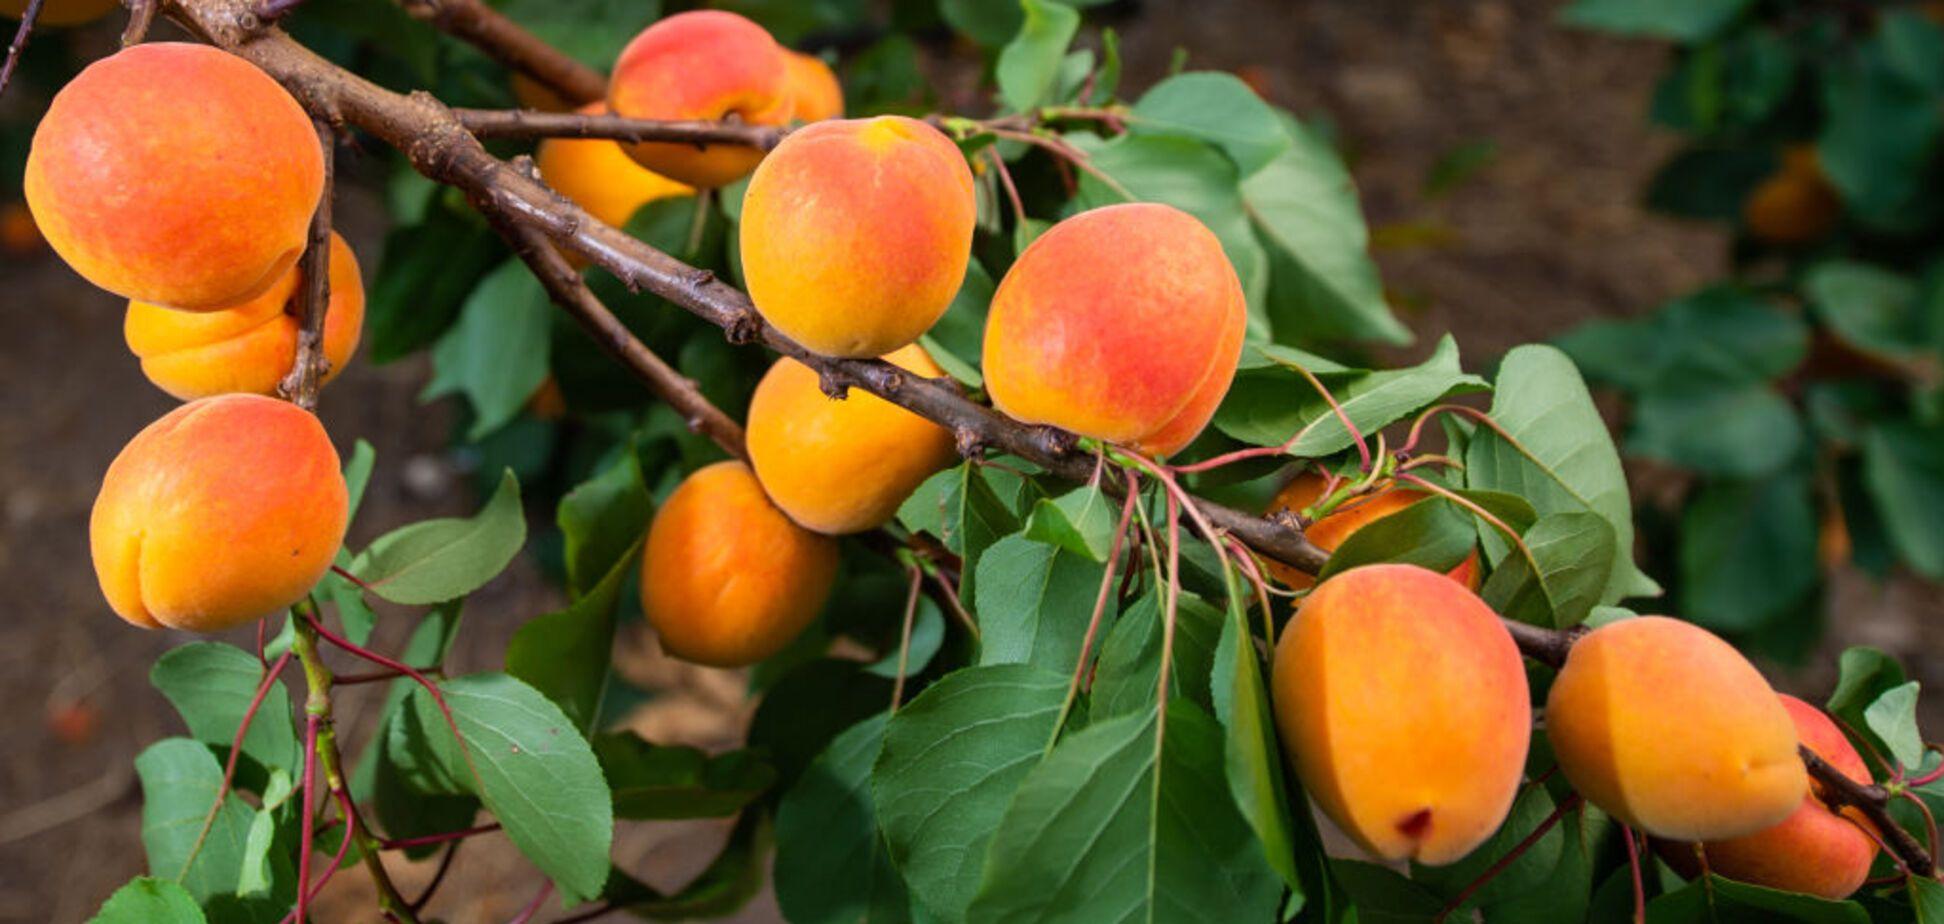 Диетологи предостерегли от злоупотребления абрикосами